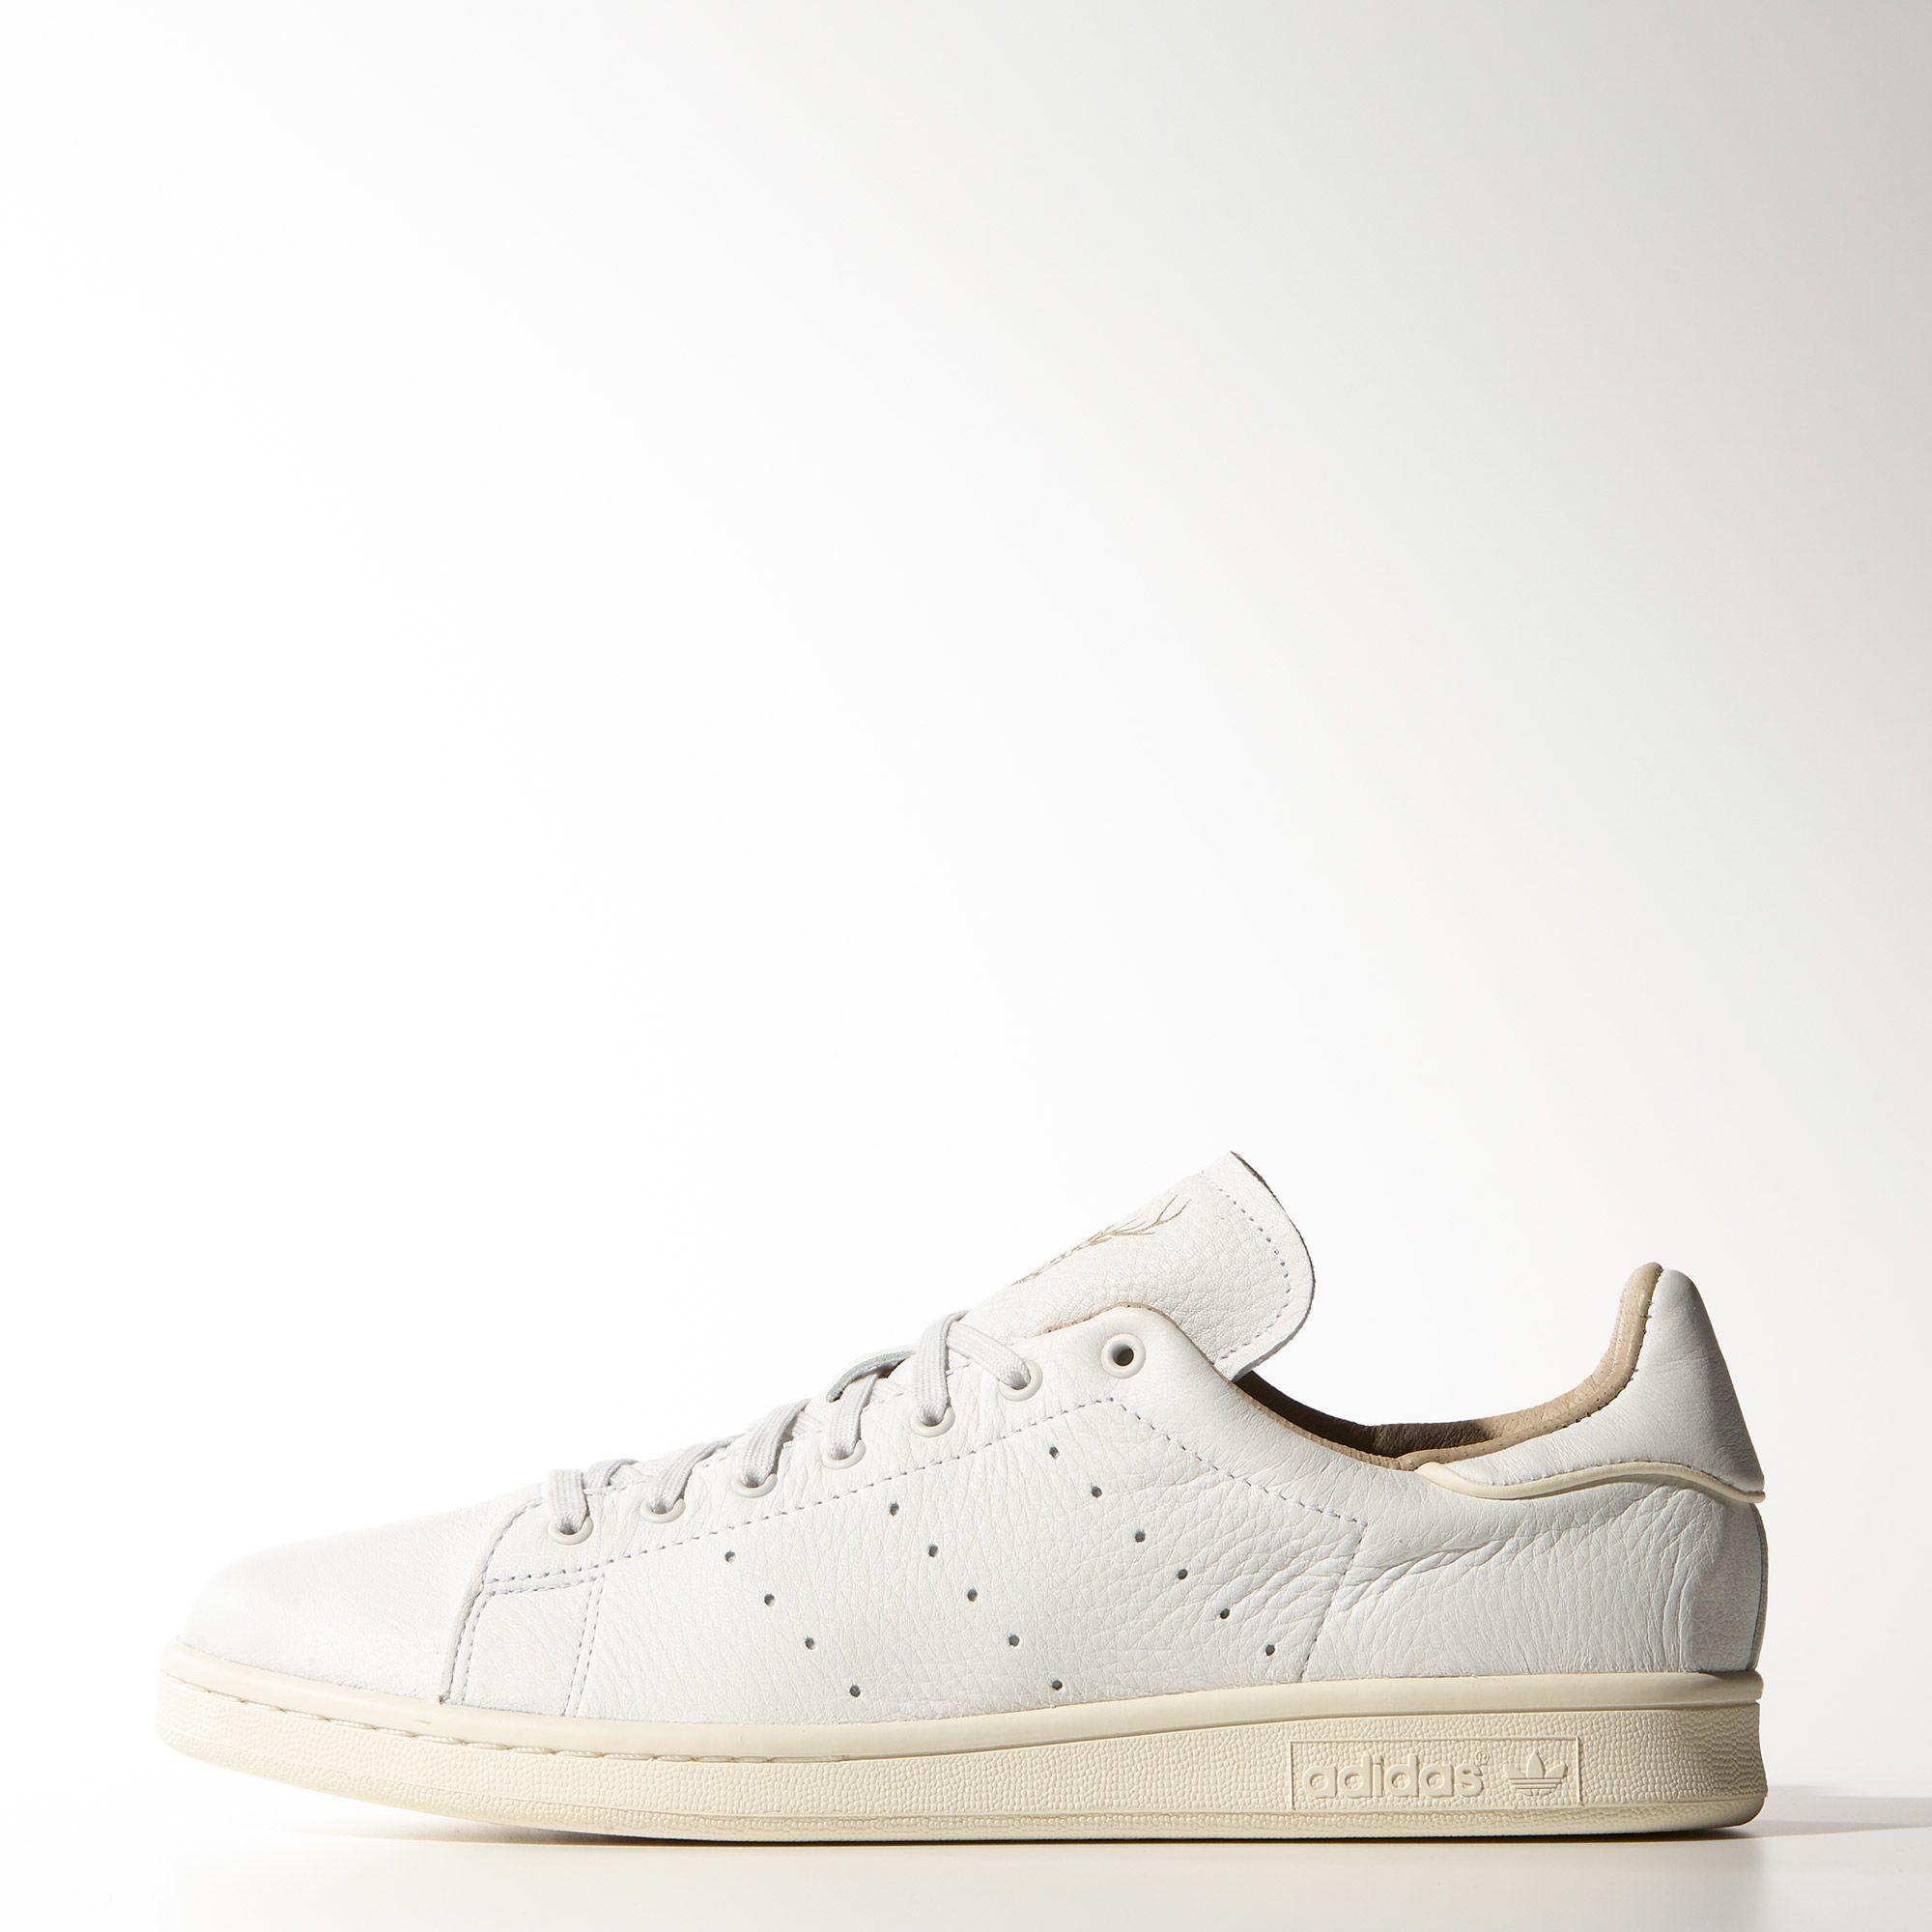 estático Delicioso Desprecio  adidas Stan Smith Made in Germany Shoes | adidas US | Adidas stan smith,  Adidas, Shoes